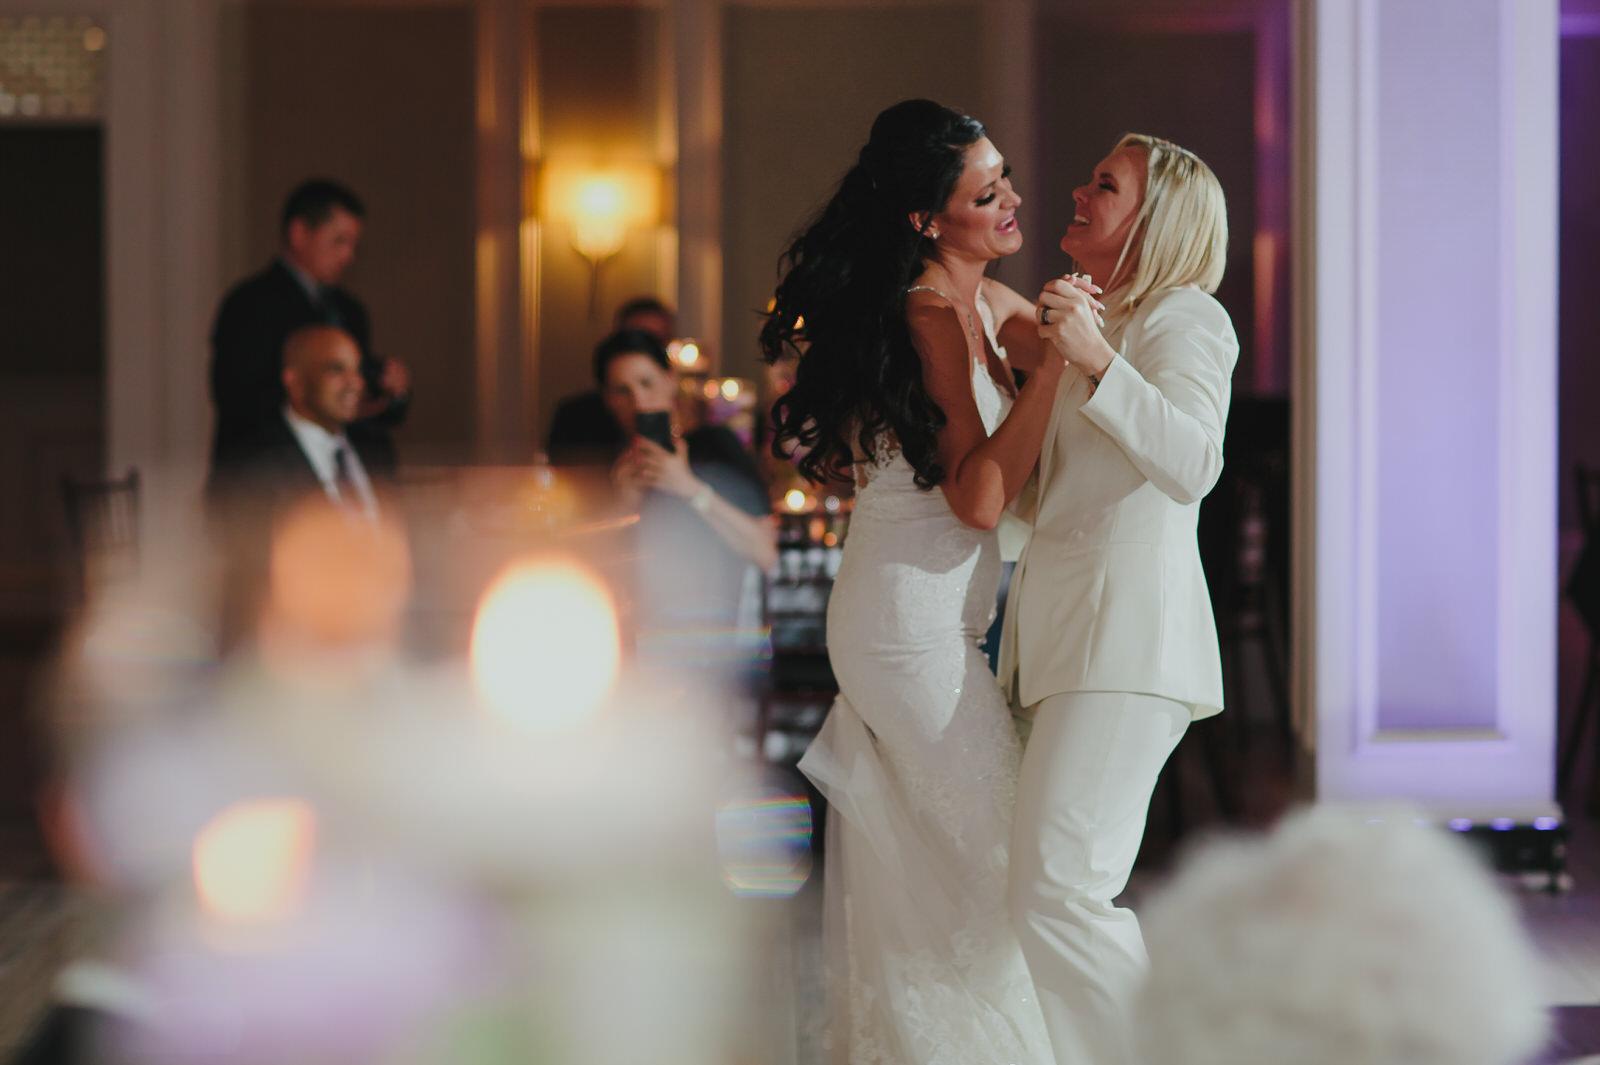 first_dance_brides_the_addison_wedding_photography_stephanie_lynn.jpg